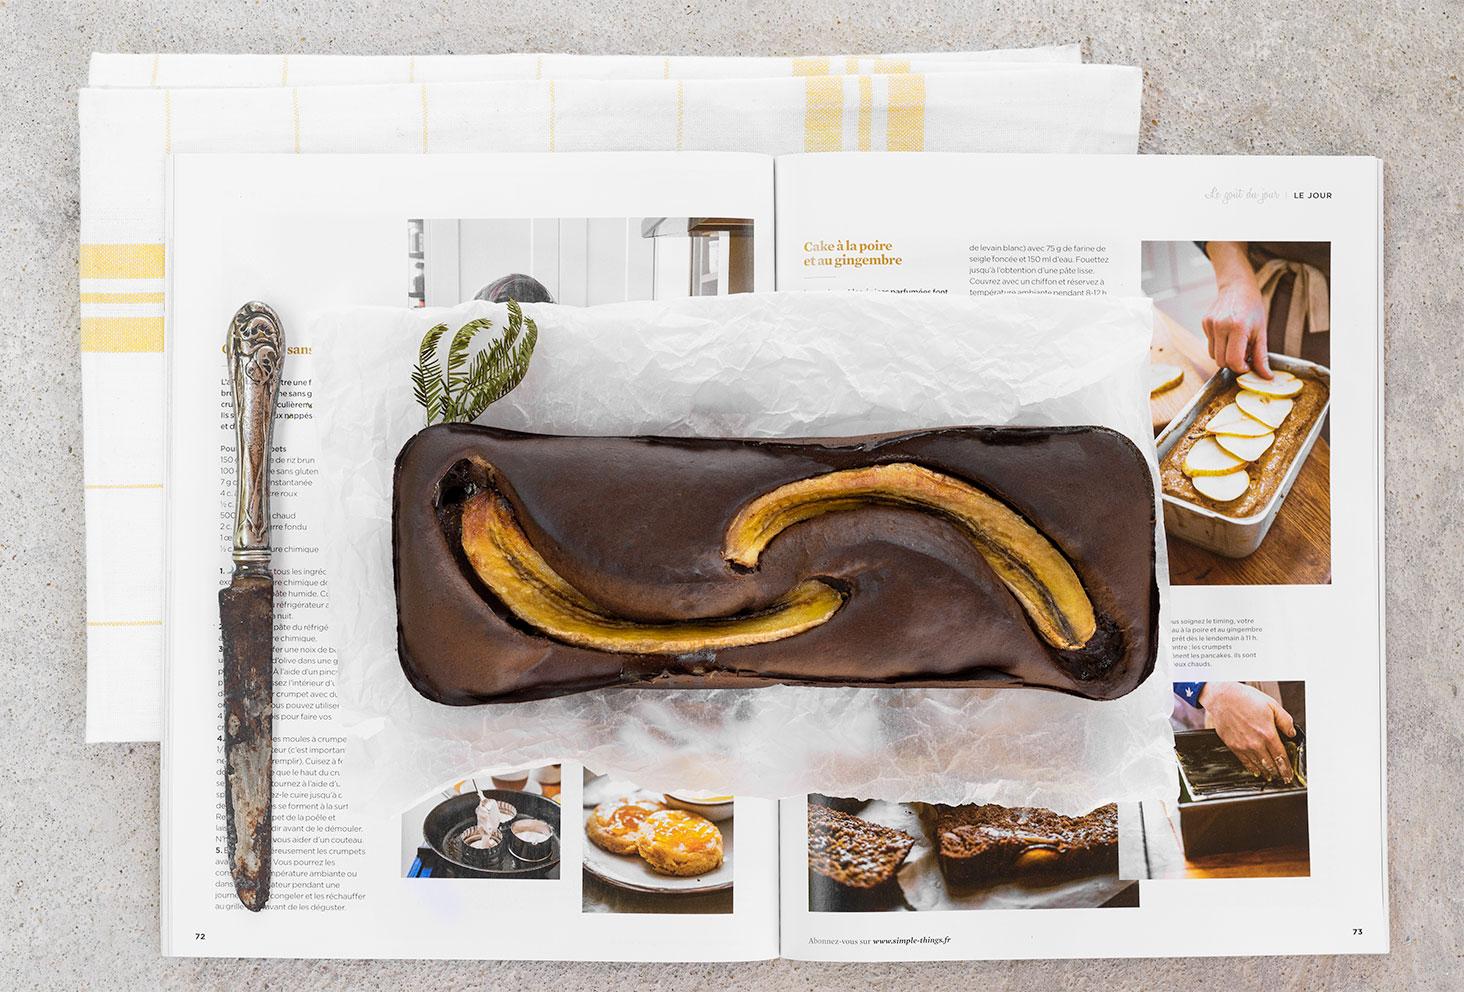 Un banana bread au chocolat protéiné posé sur du papier sulfurisé, sur un magazine culinaire